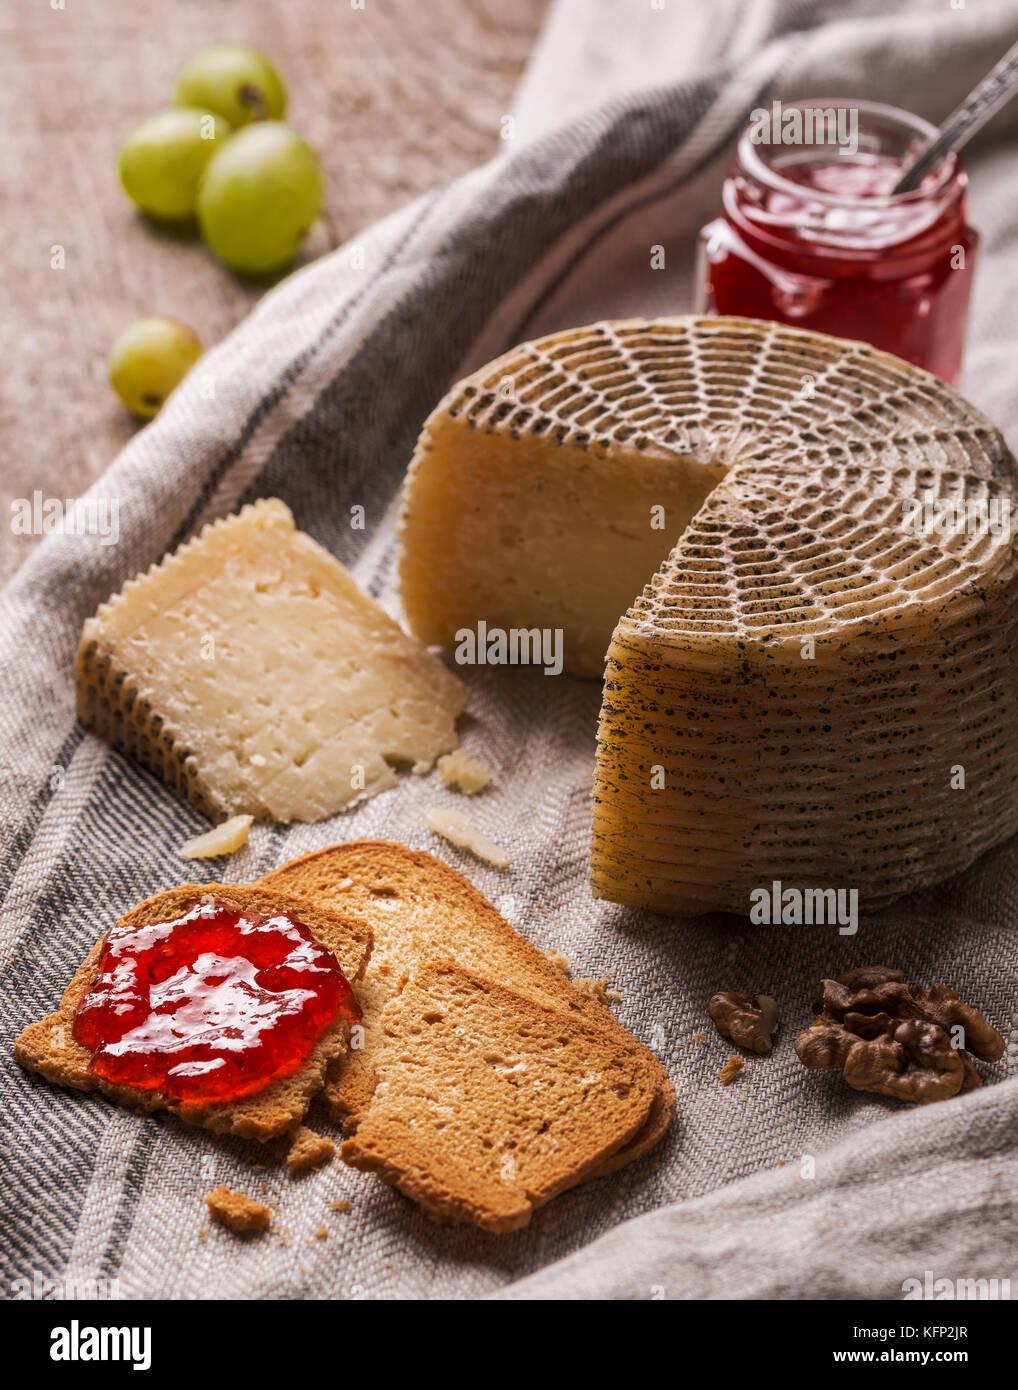 Nature morte avec du fromage de chèvre, les tranches de pain et confiture Photo Stock